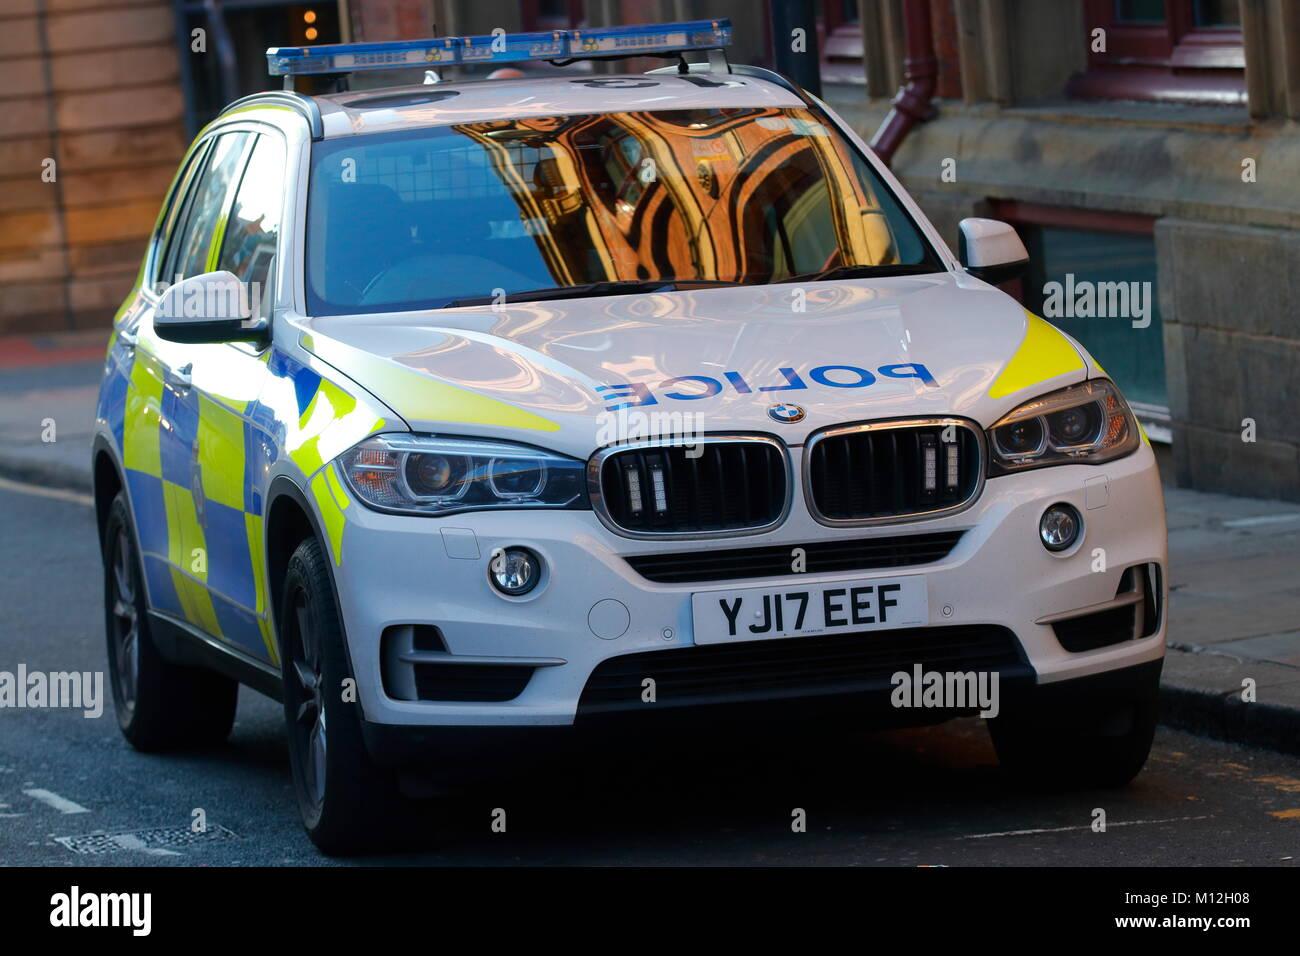 BMW X5 Police Car - Stock Image